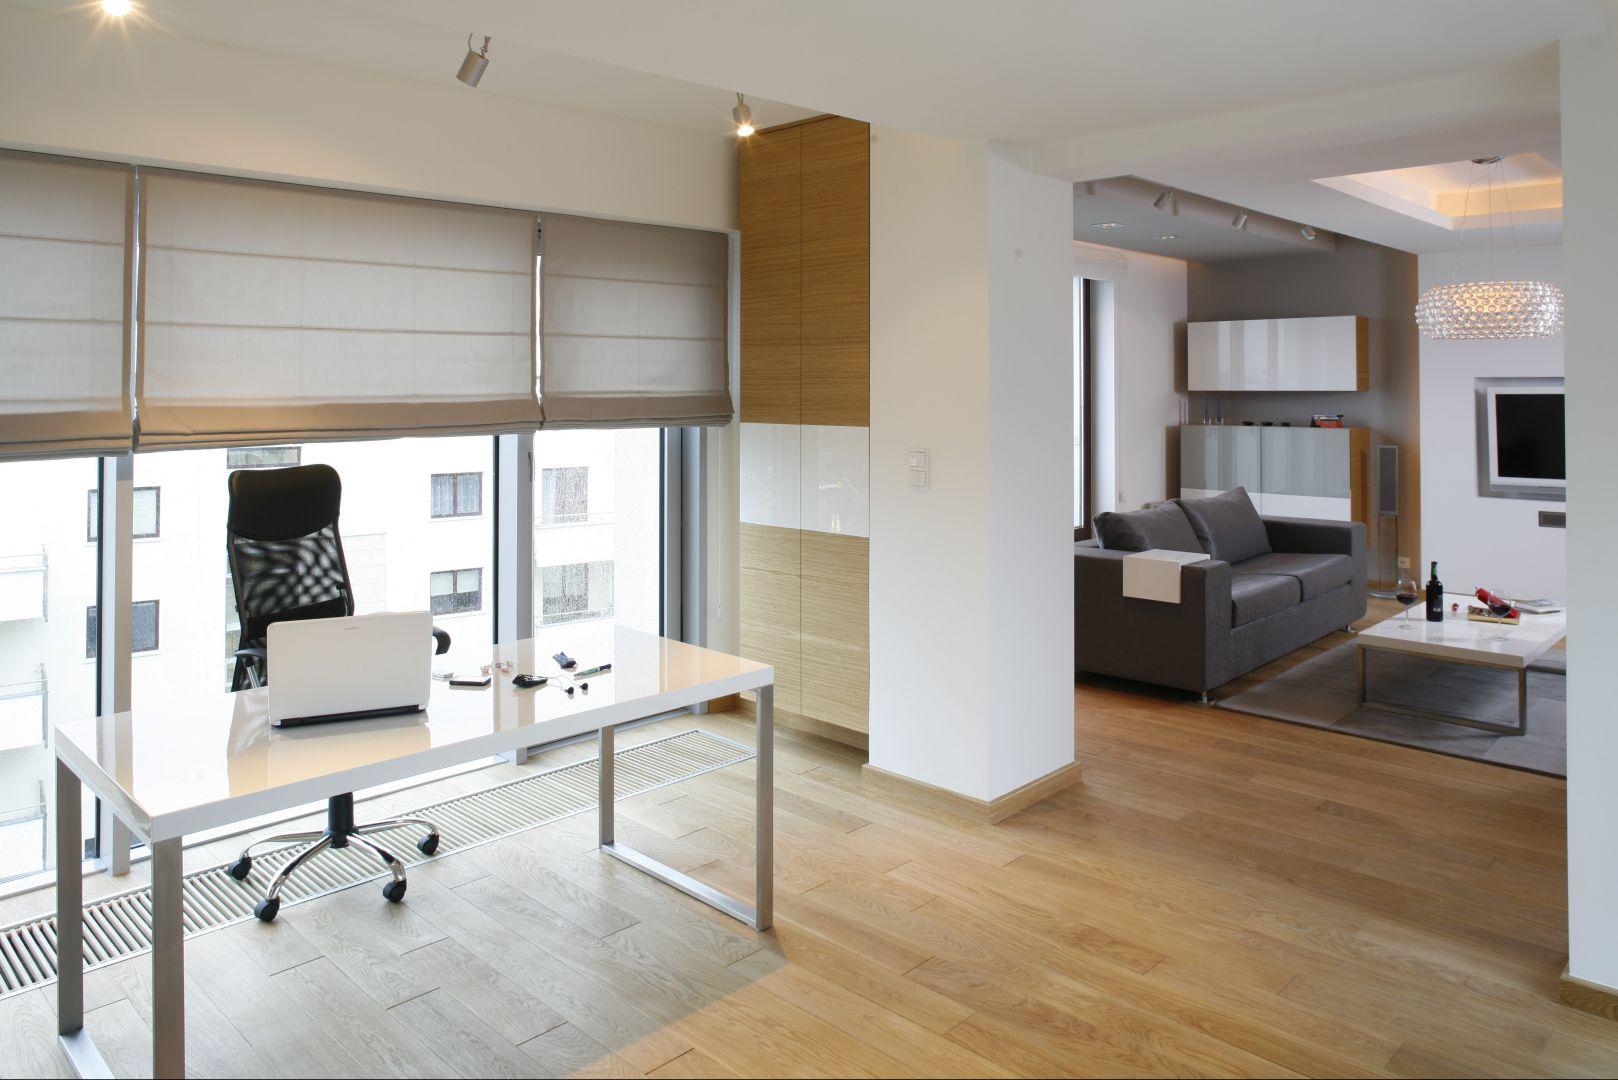 Im mniej, tym bardziej elegancko - umeblowanie biura wg tej starej zasady paradoksalnie wzbogaca jego wygląd. Fot. Bartosz Jarosz.